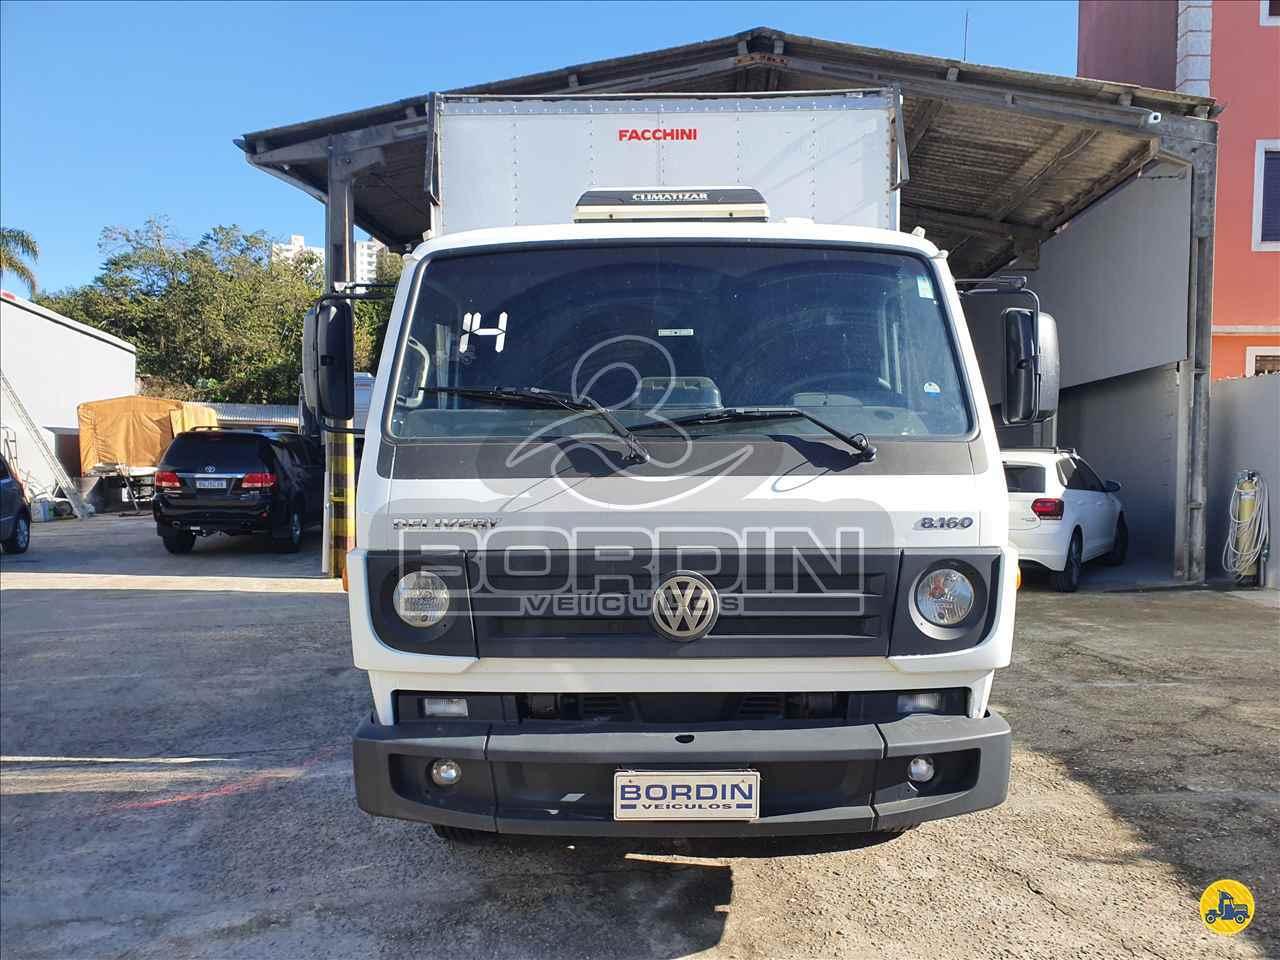 CAMINHAO VOLKSWAGEN VW 8160 Baú Furgão 3/4 4x2 Bordin Veículos SAO BERNARDO DO CAMPO SÃO PAULO SP